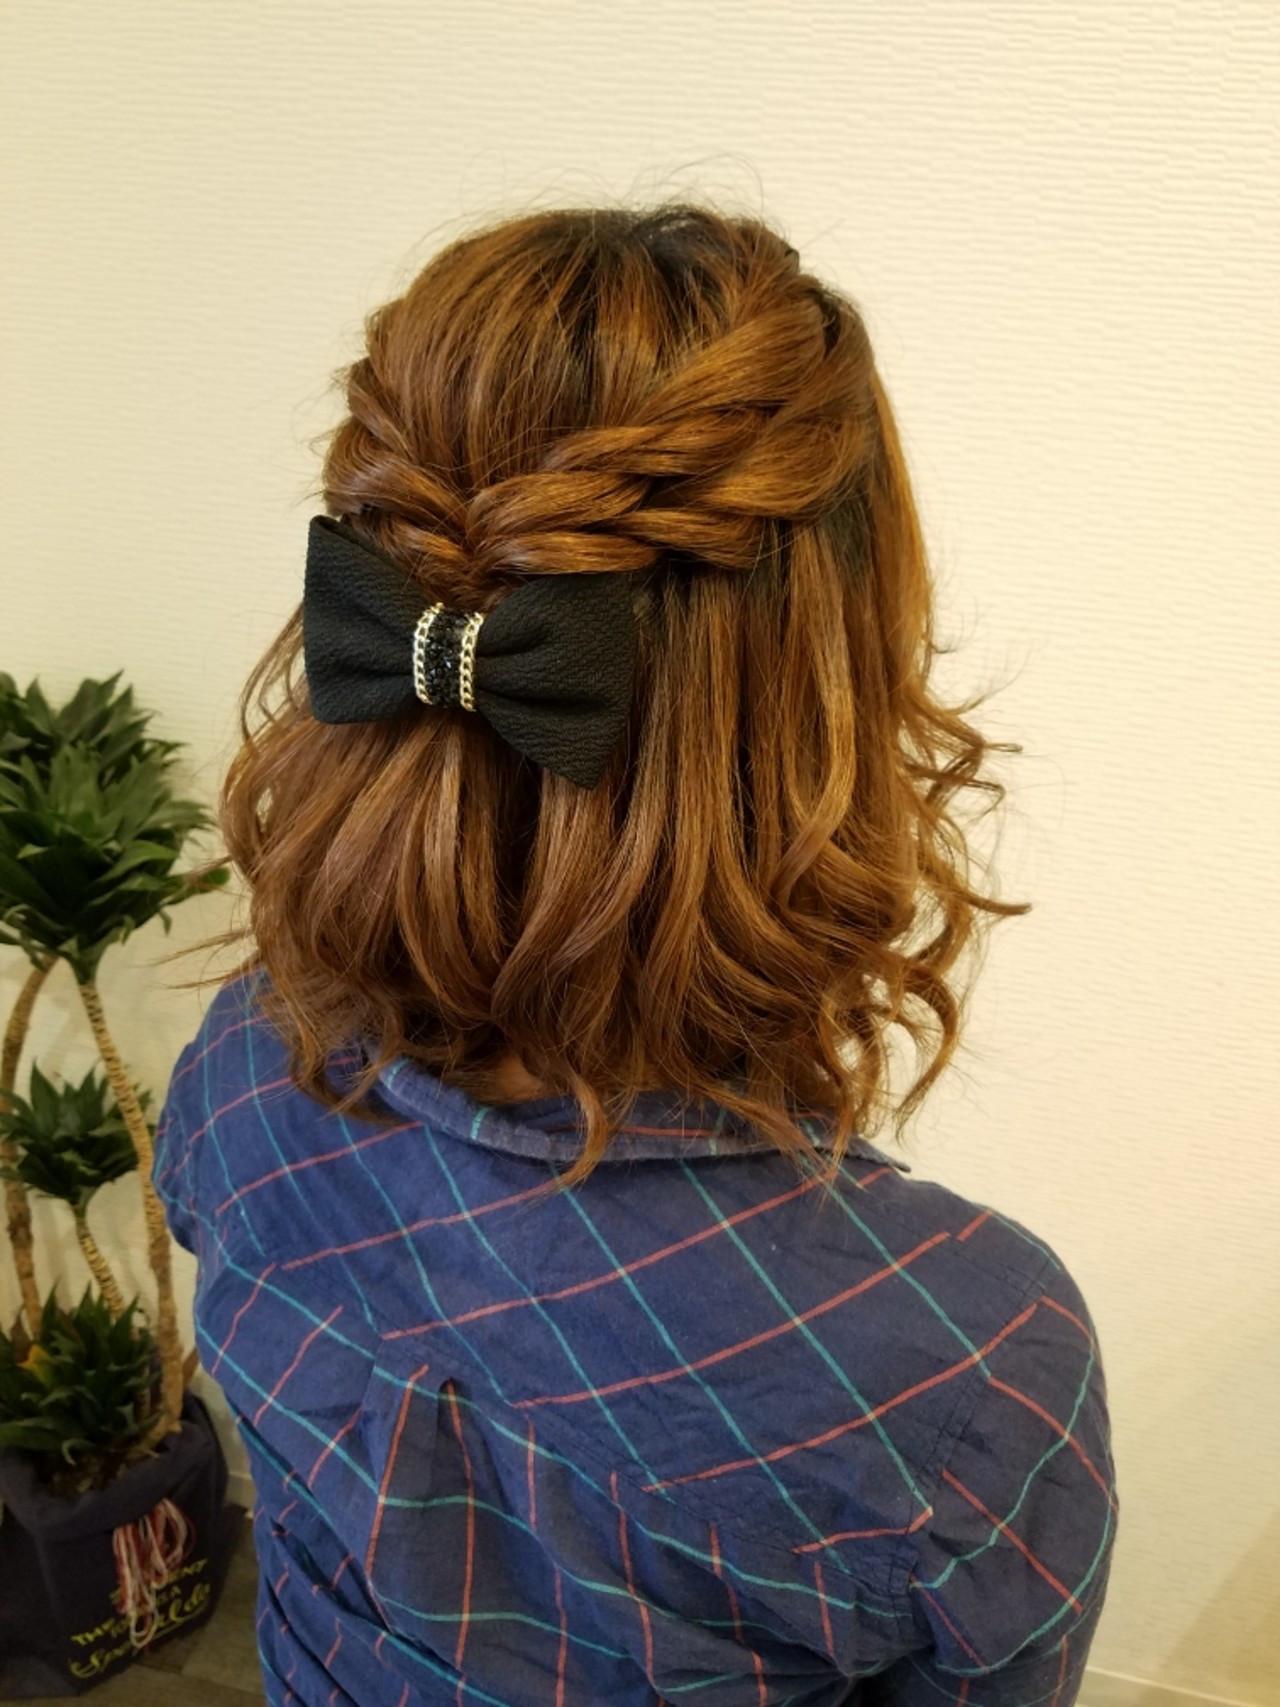 ヘアアレンジ ハーフアップ ボブ ナチュラル ヘアスタイルや髪型の写真・画像